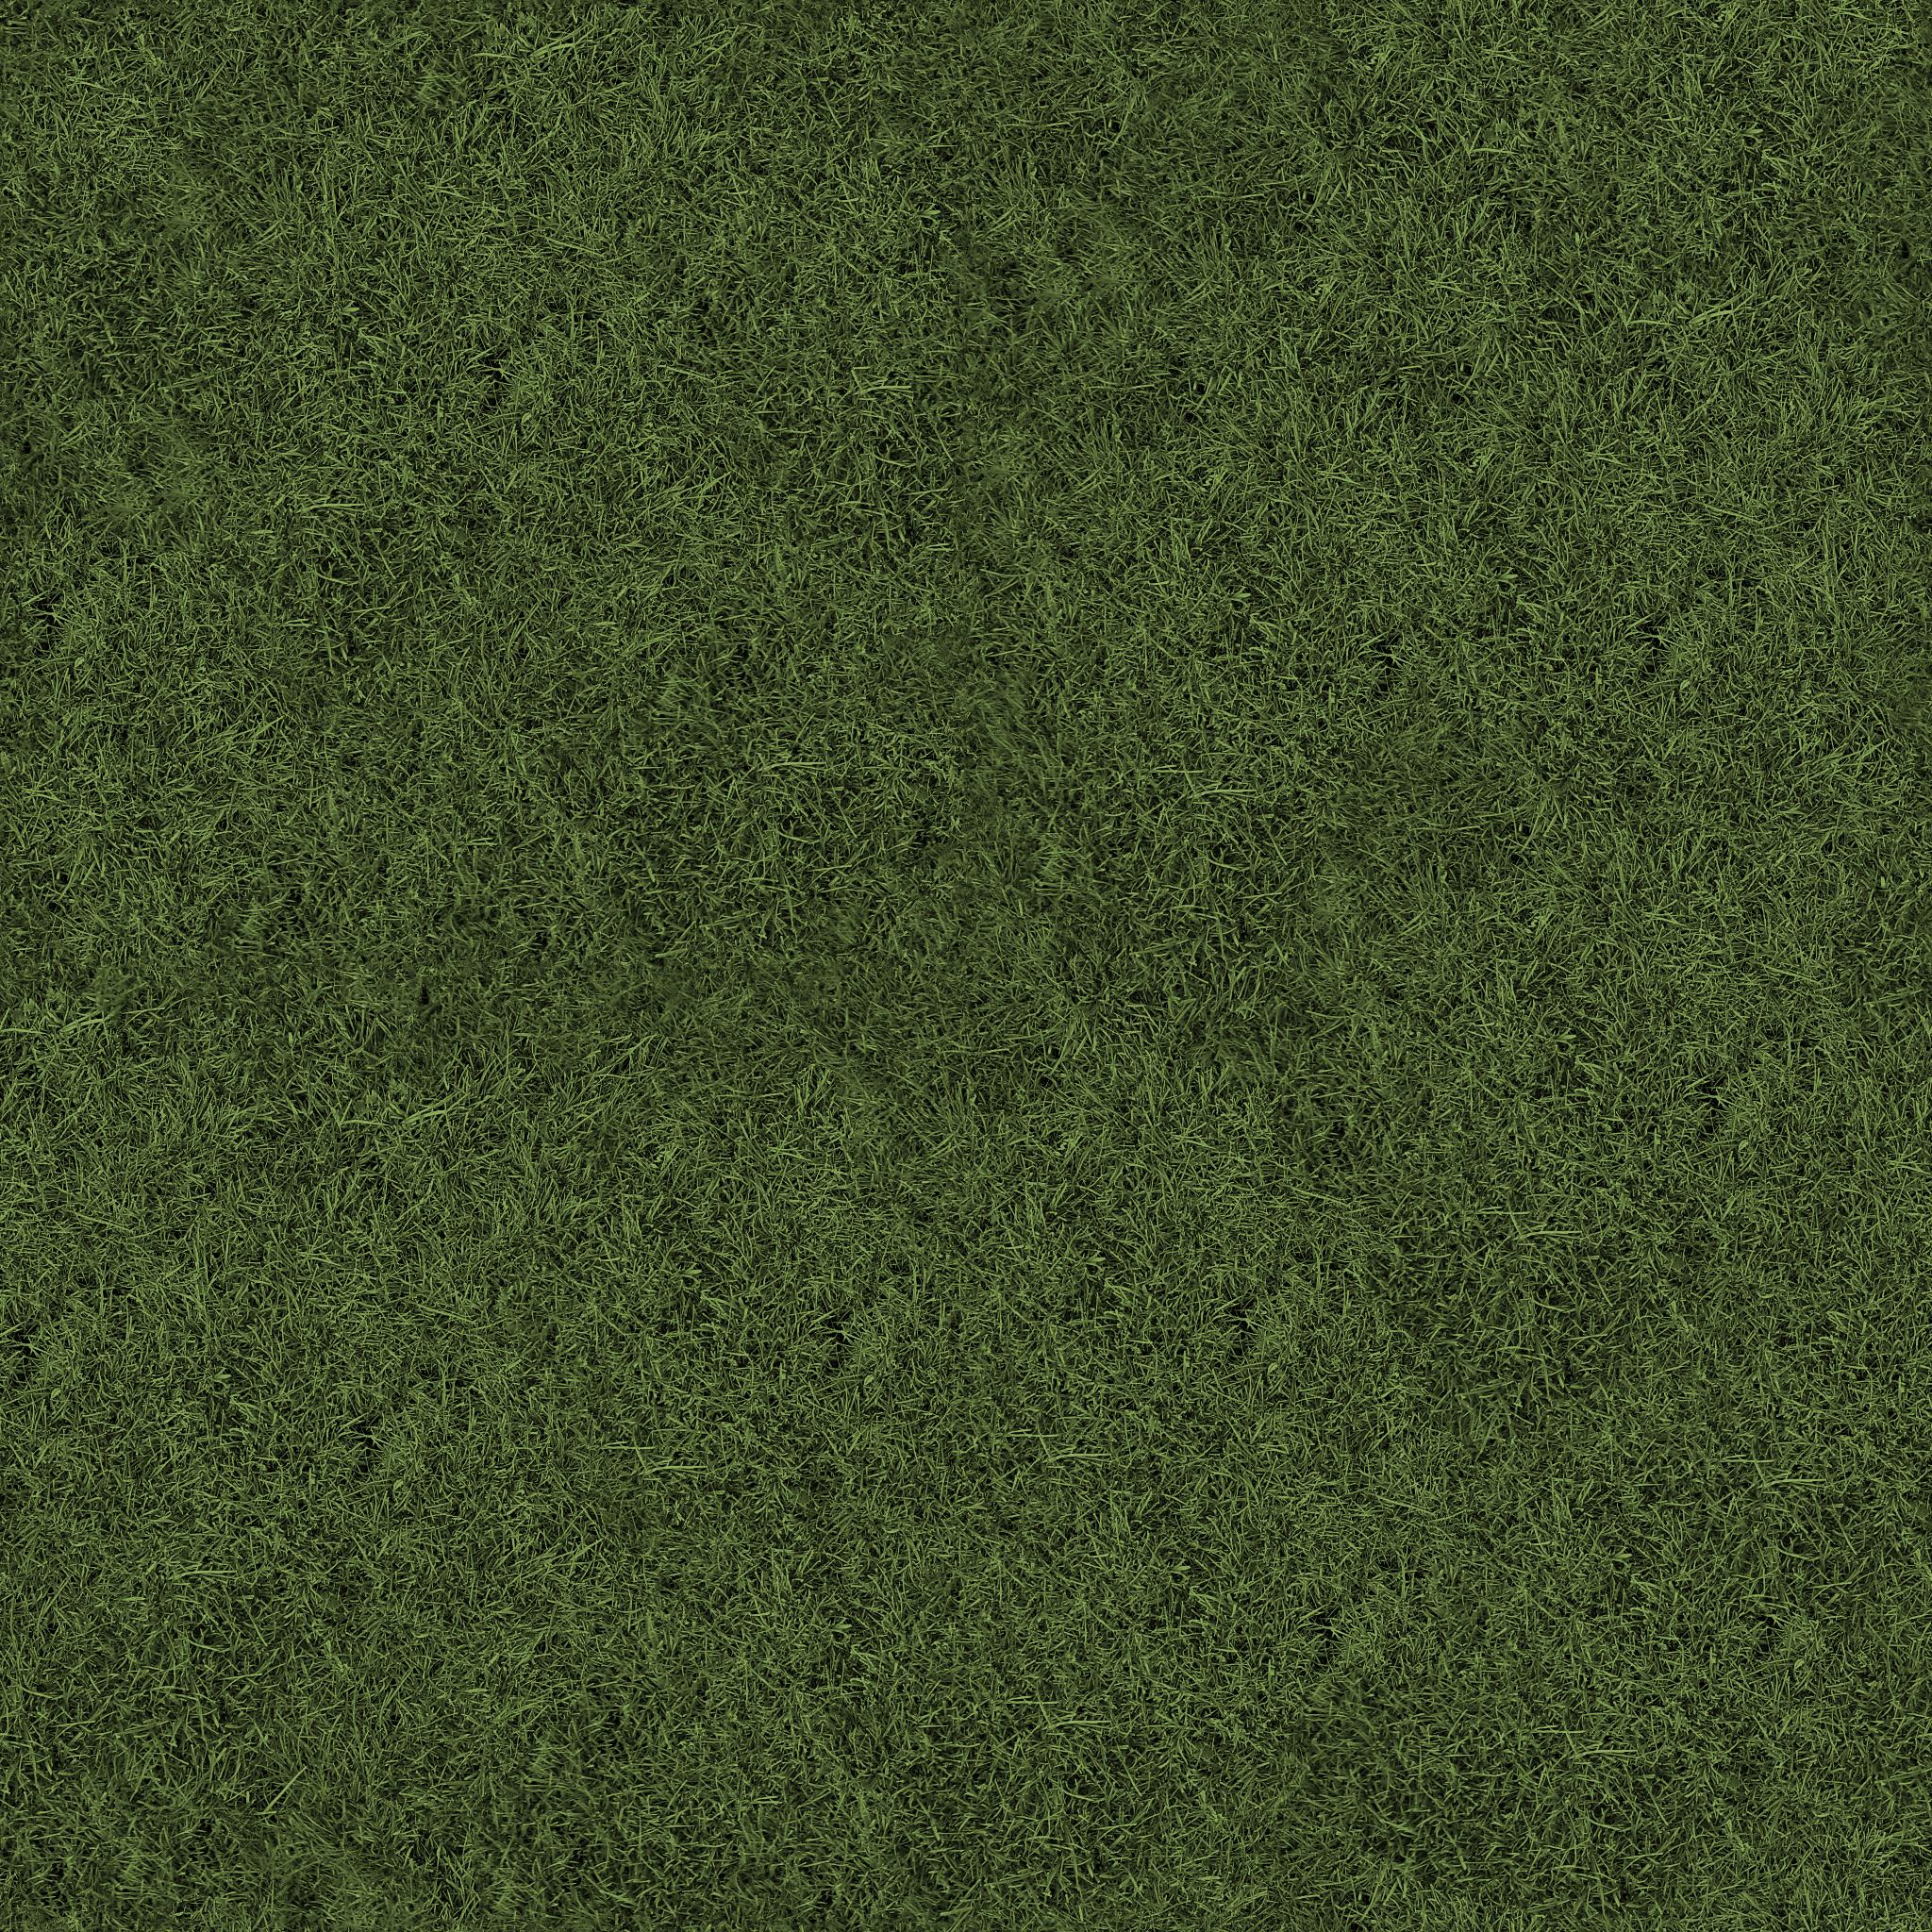 Dark Grass Grassdirt Big Png Opengameart Org